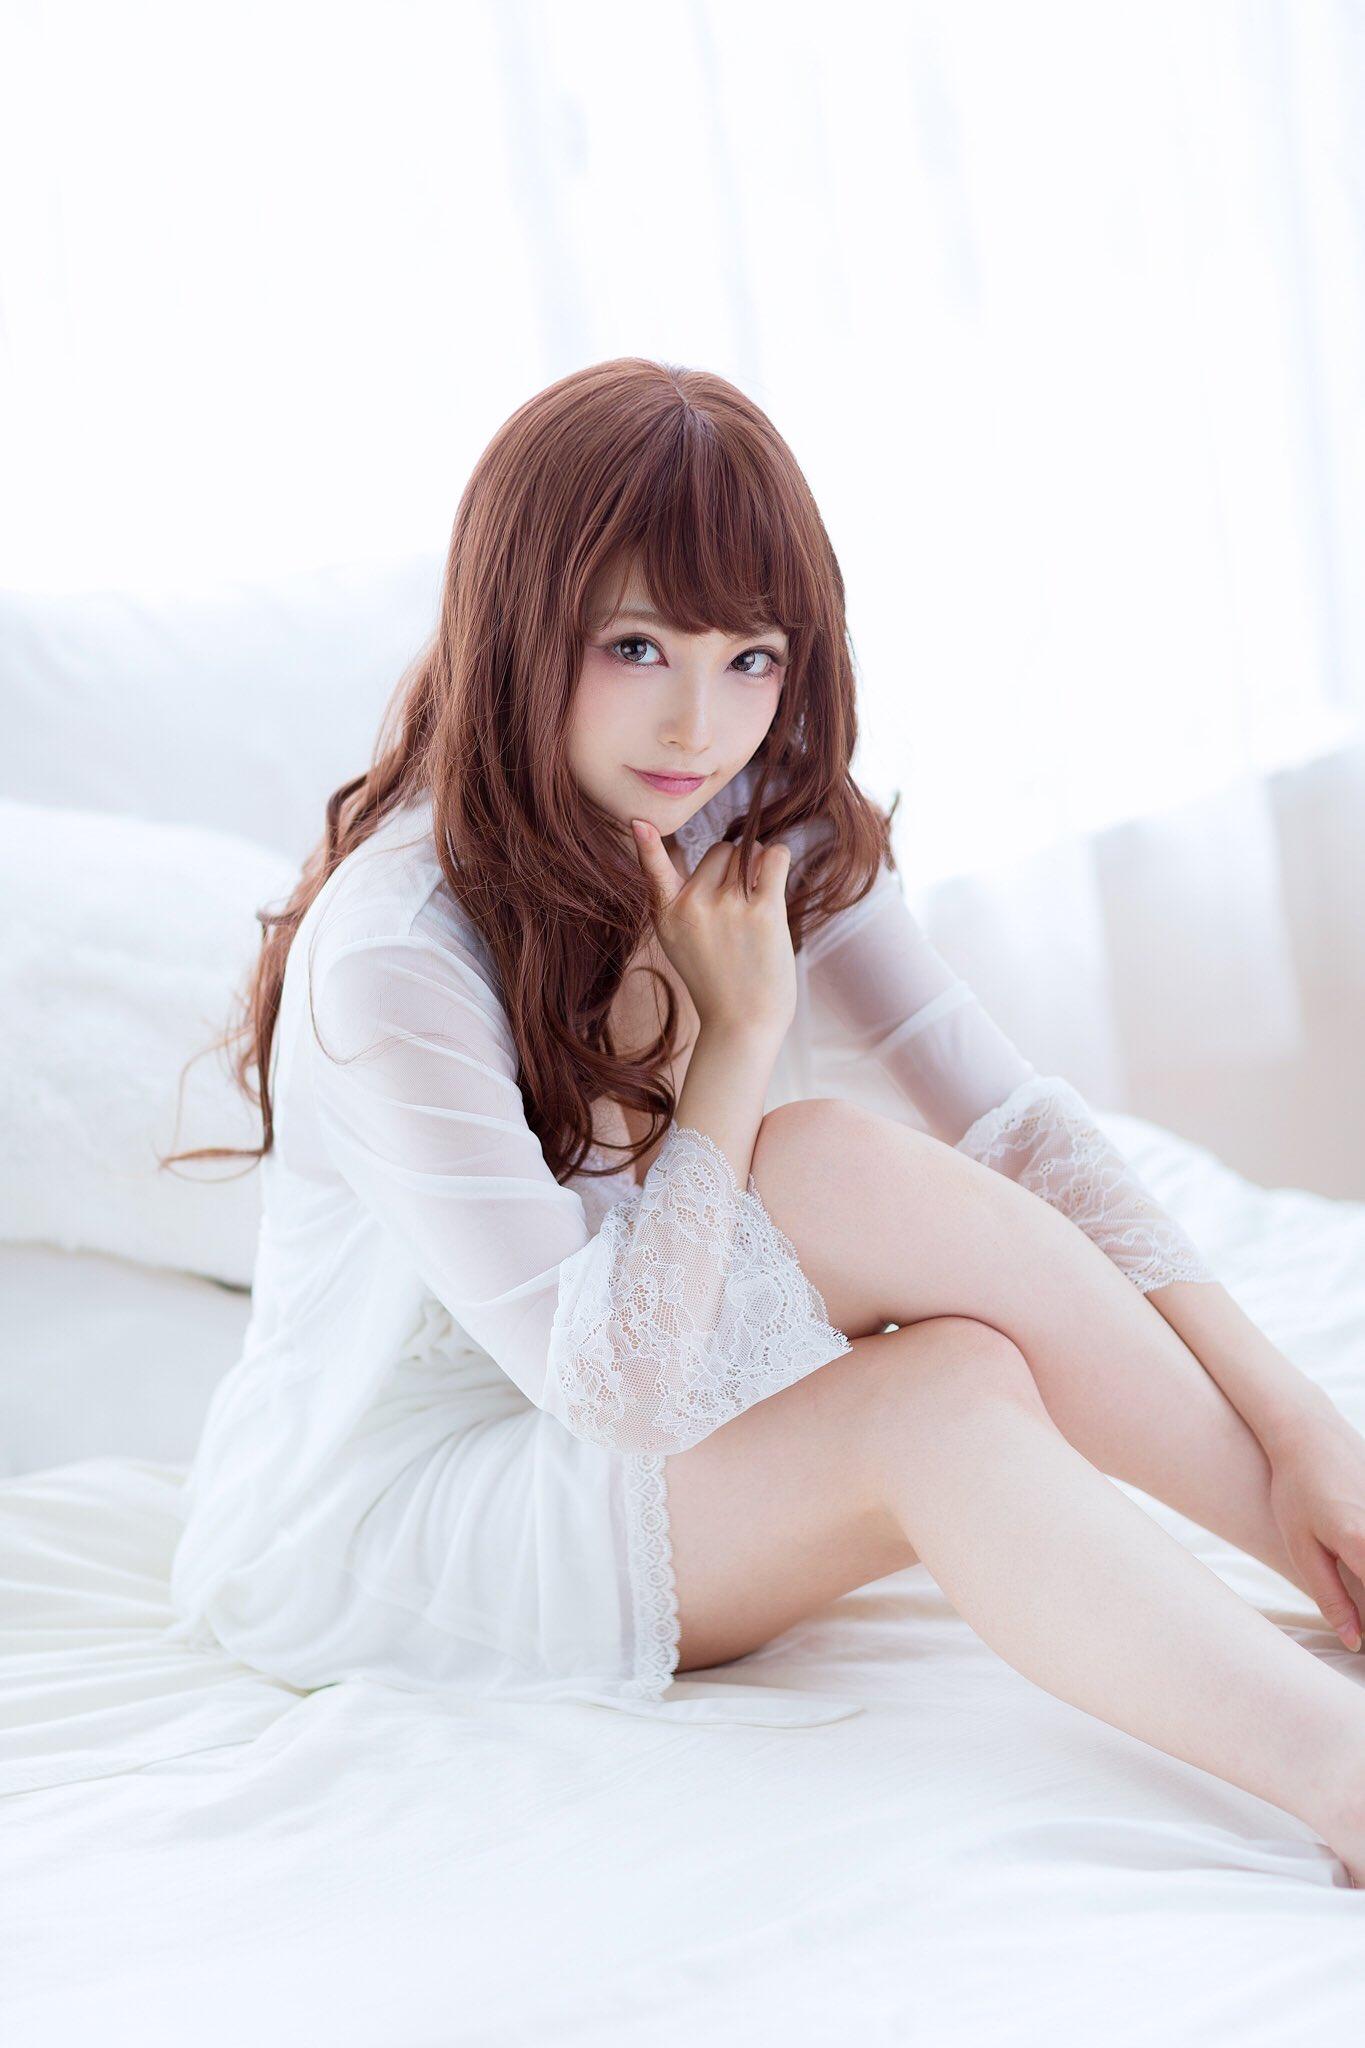 謎の美女コスプレイヤーがかなりカワイイ厳選コスプレ畫像 [118P] - COSPLAY -